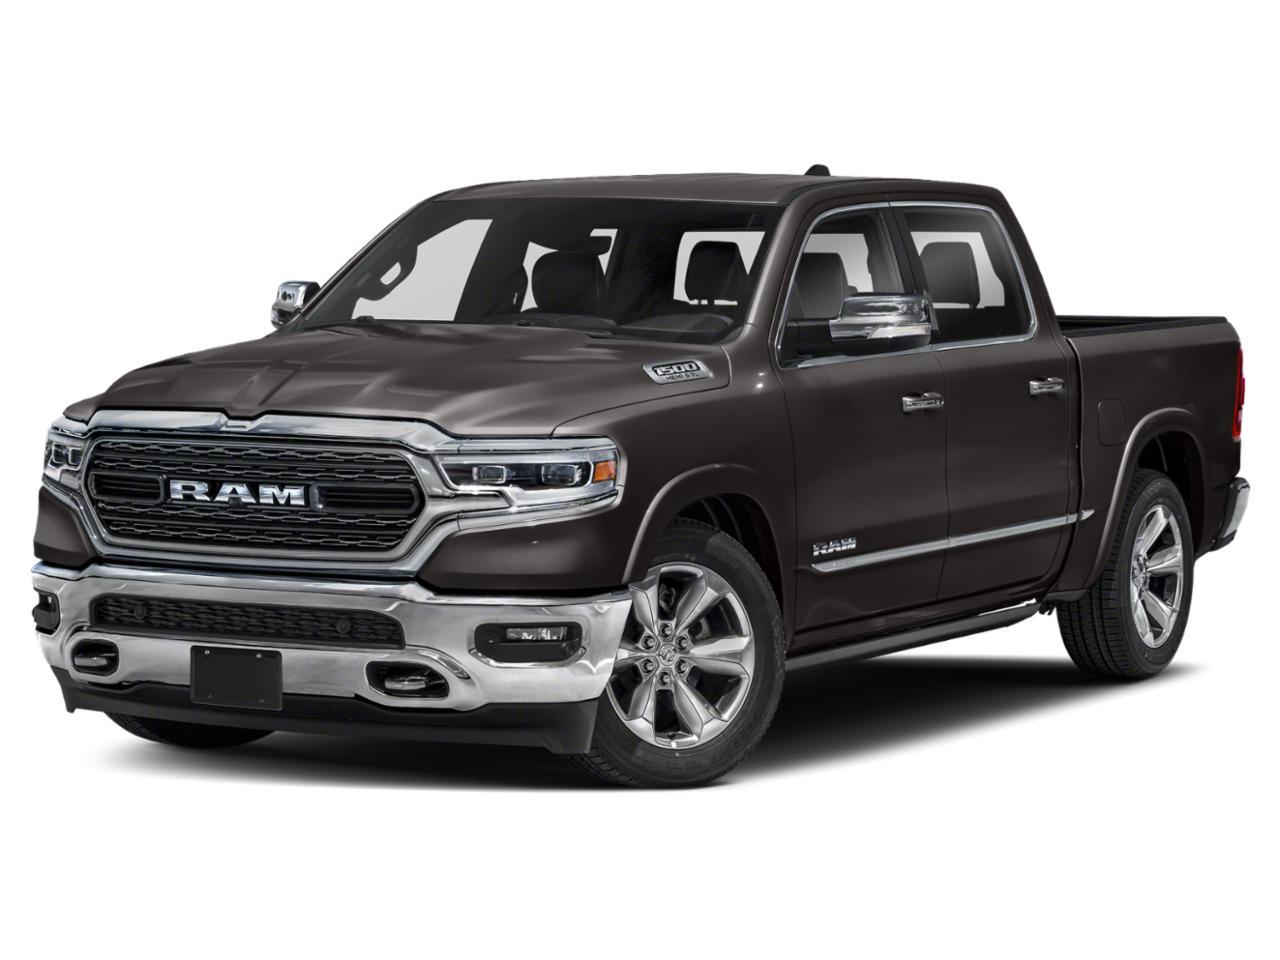 2021 Ram 1500 Vehicle Photo in Prescott, AZ 86305